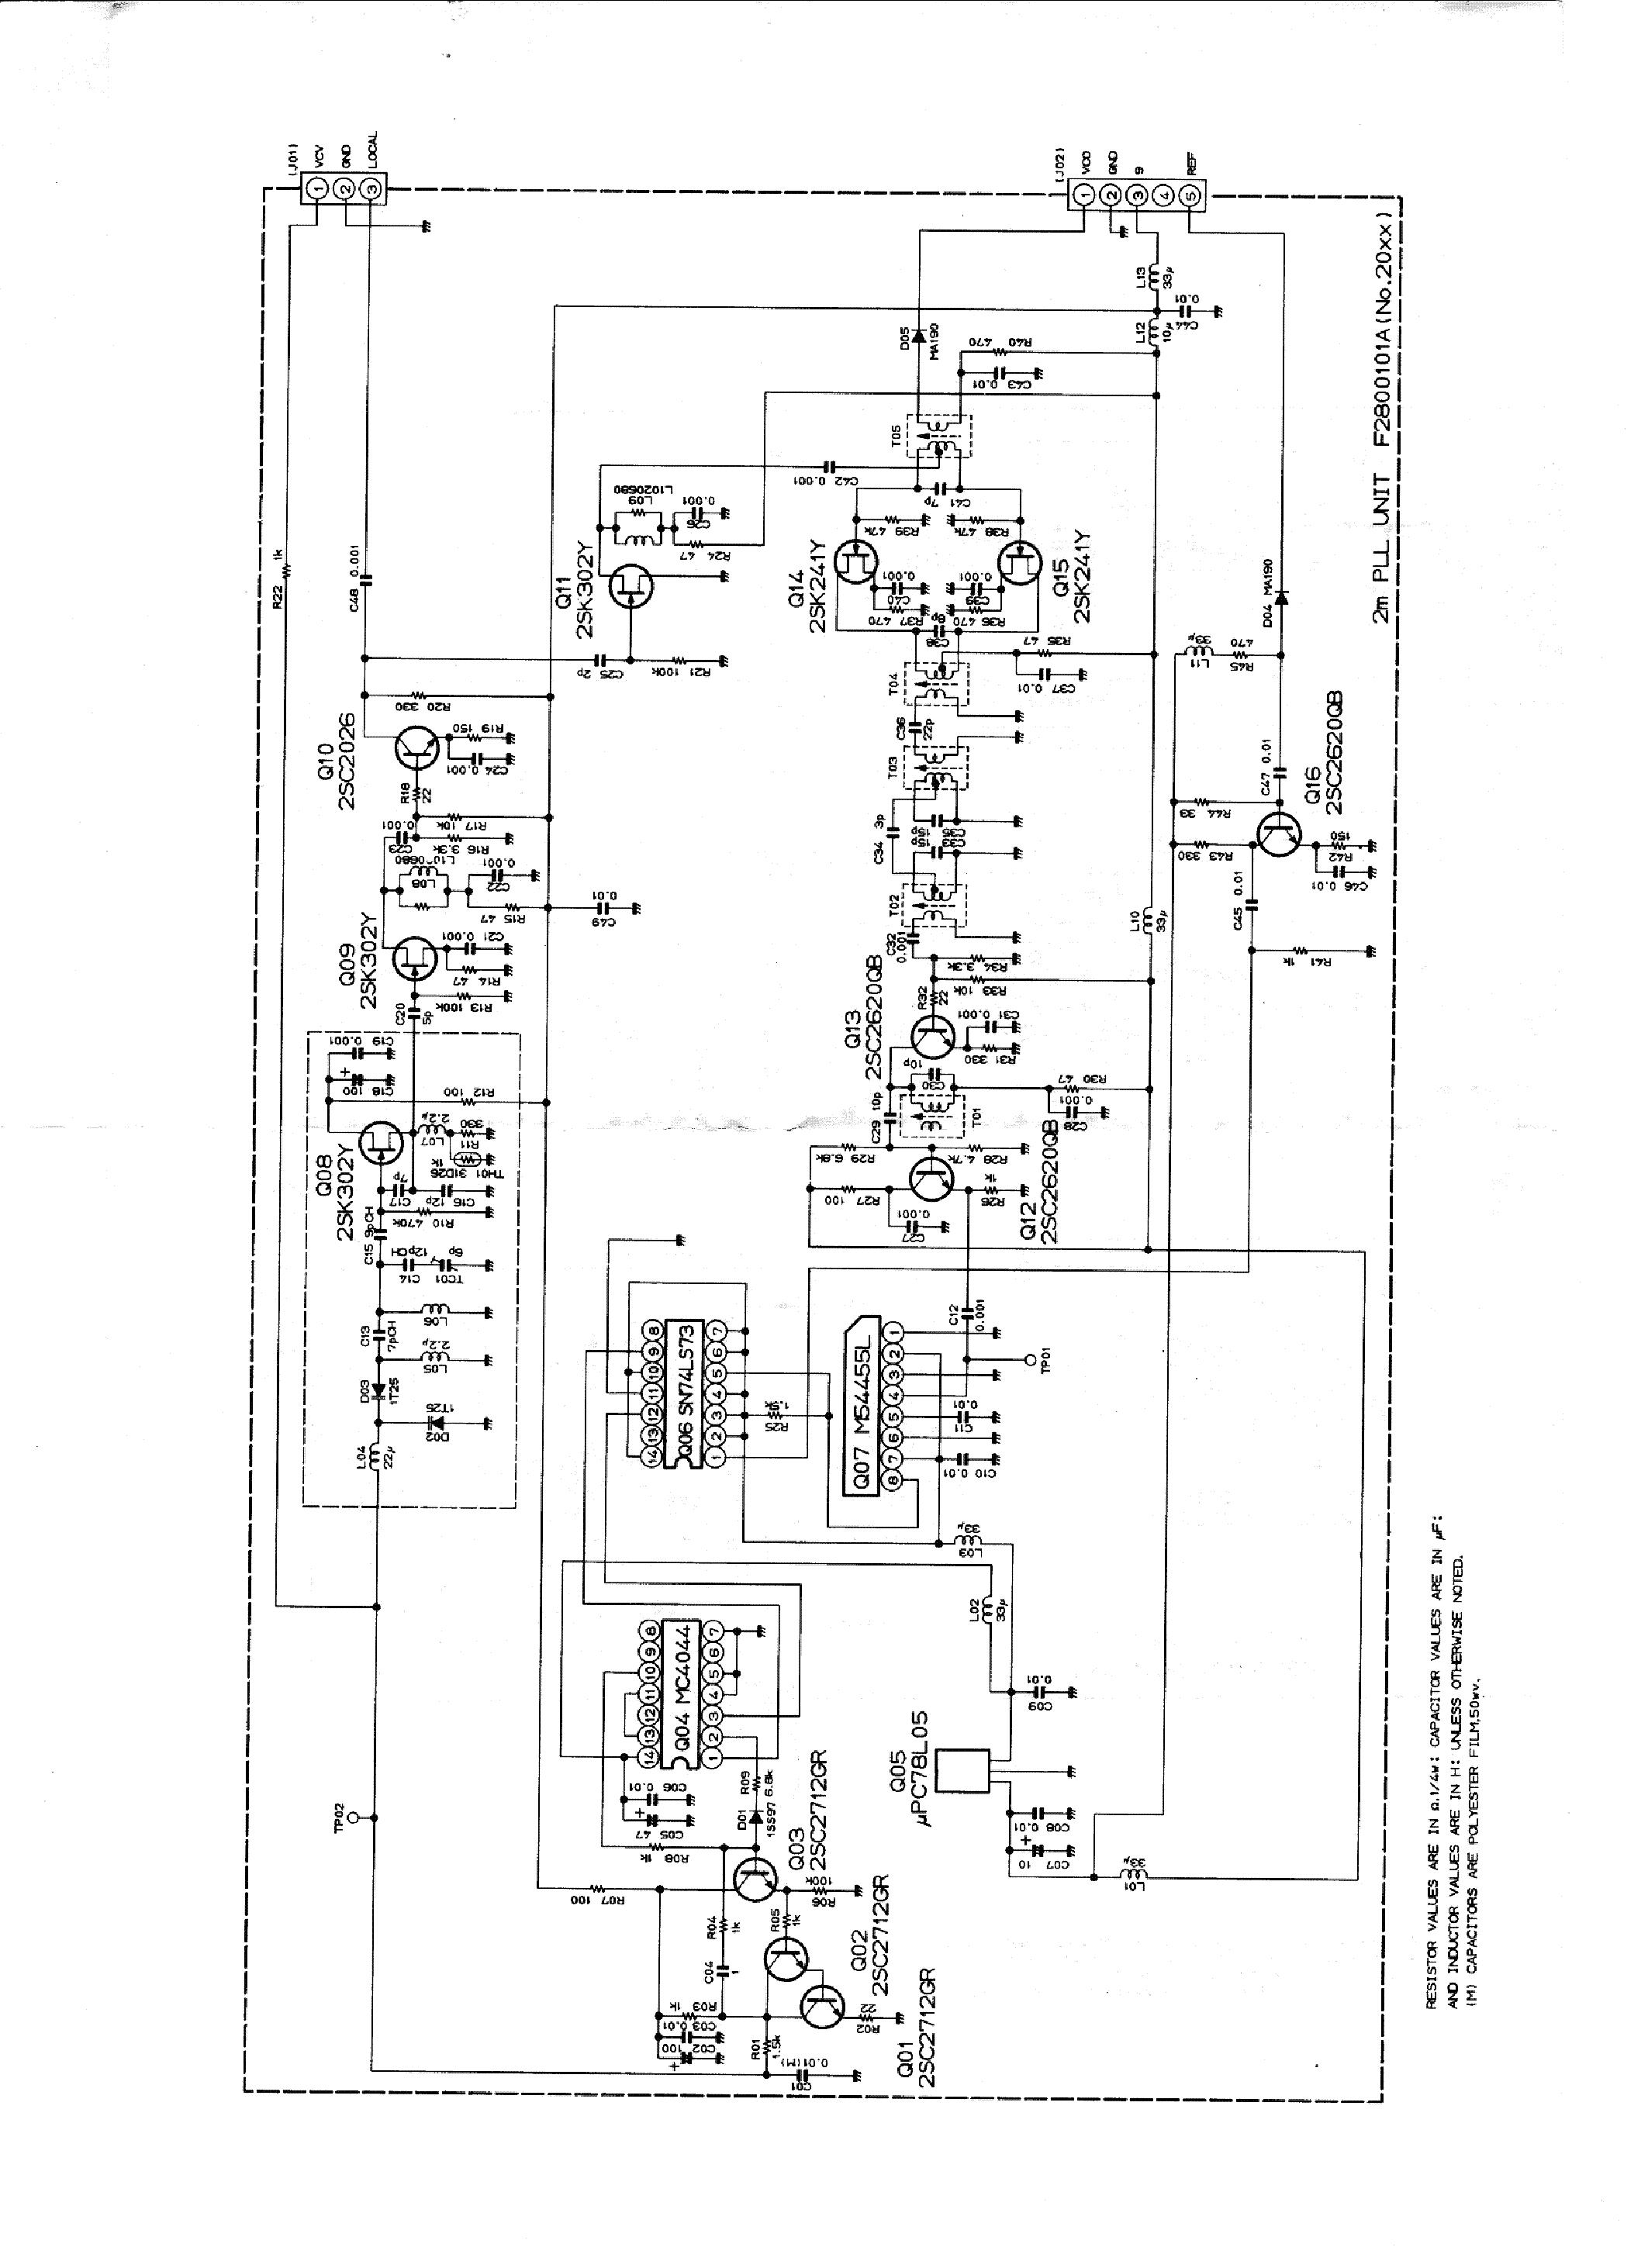 2005 echo repair manual torrent